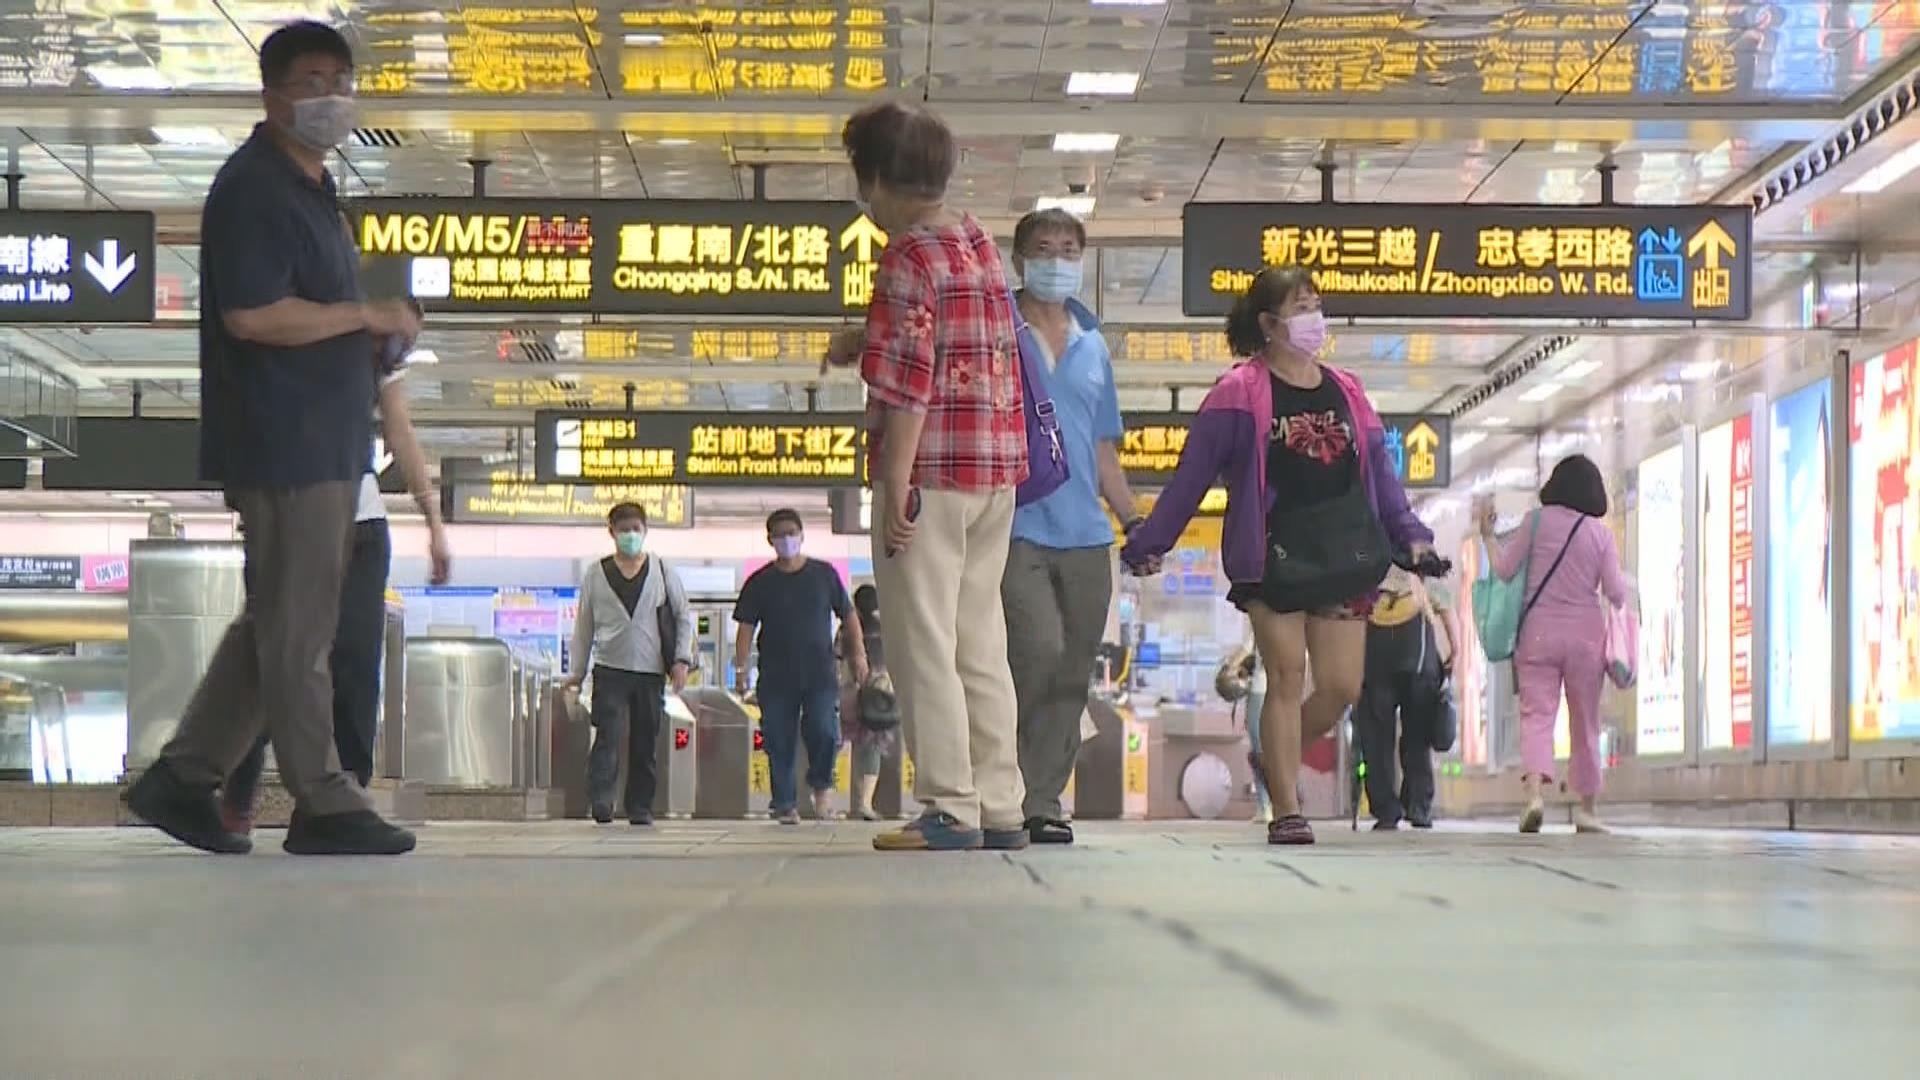 台灣新冠疫情持續 台北市周日舉行四級警戒防疫推演